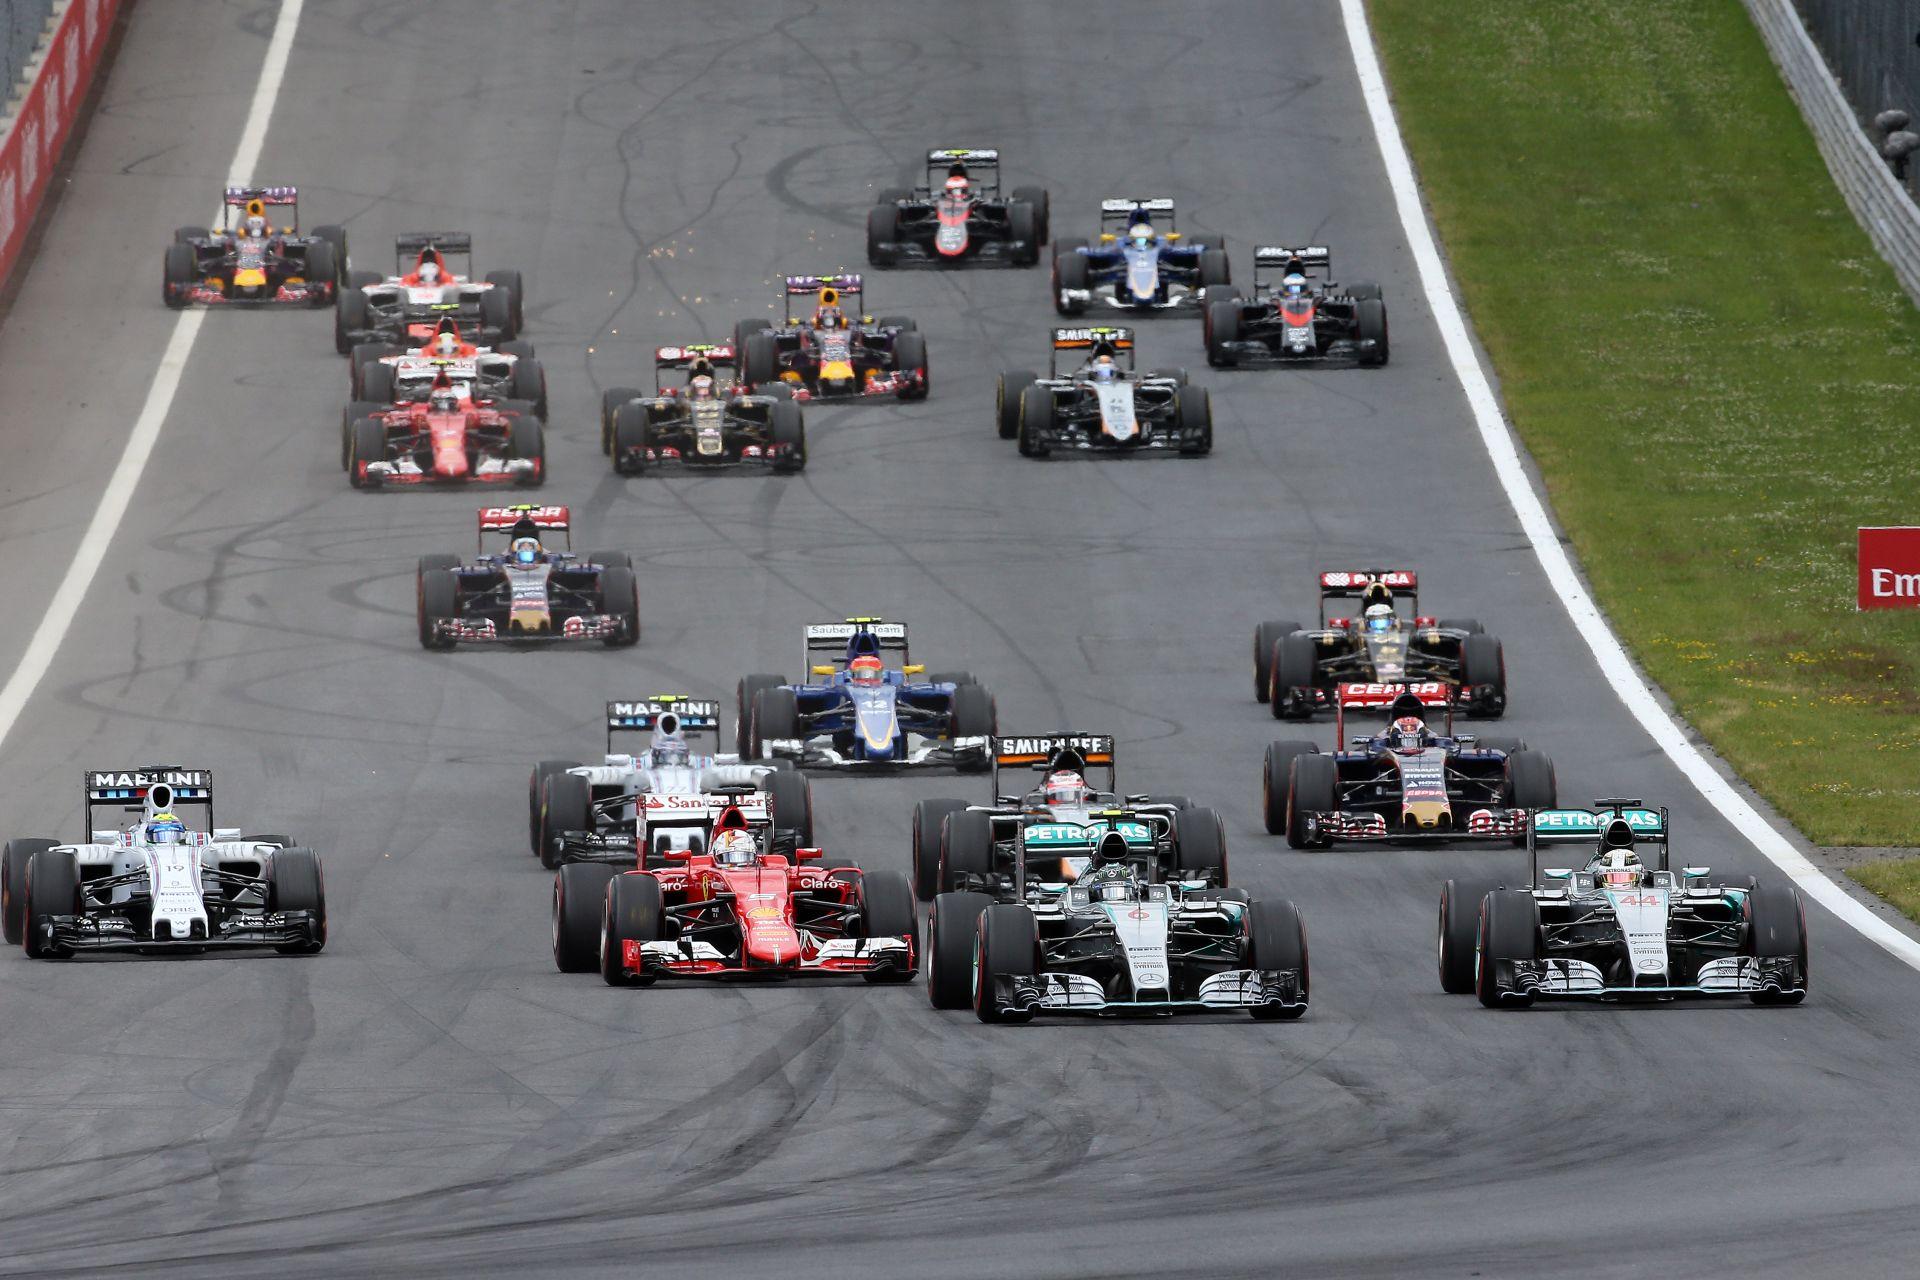 1 percben a 2015-ös F1-es Osztrák Nagydíj: Alonso és Raikkönen becsapódása elvitte a showt